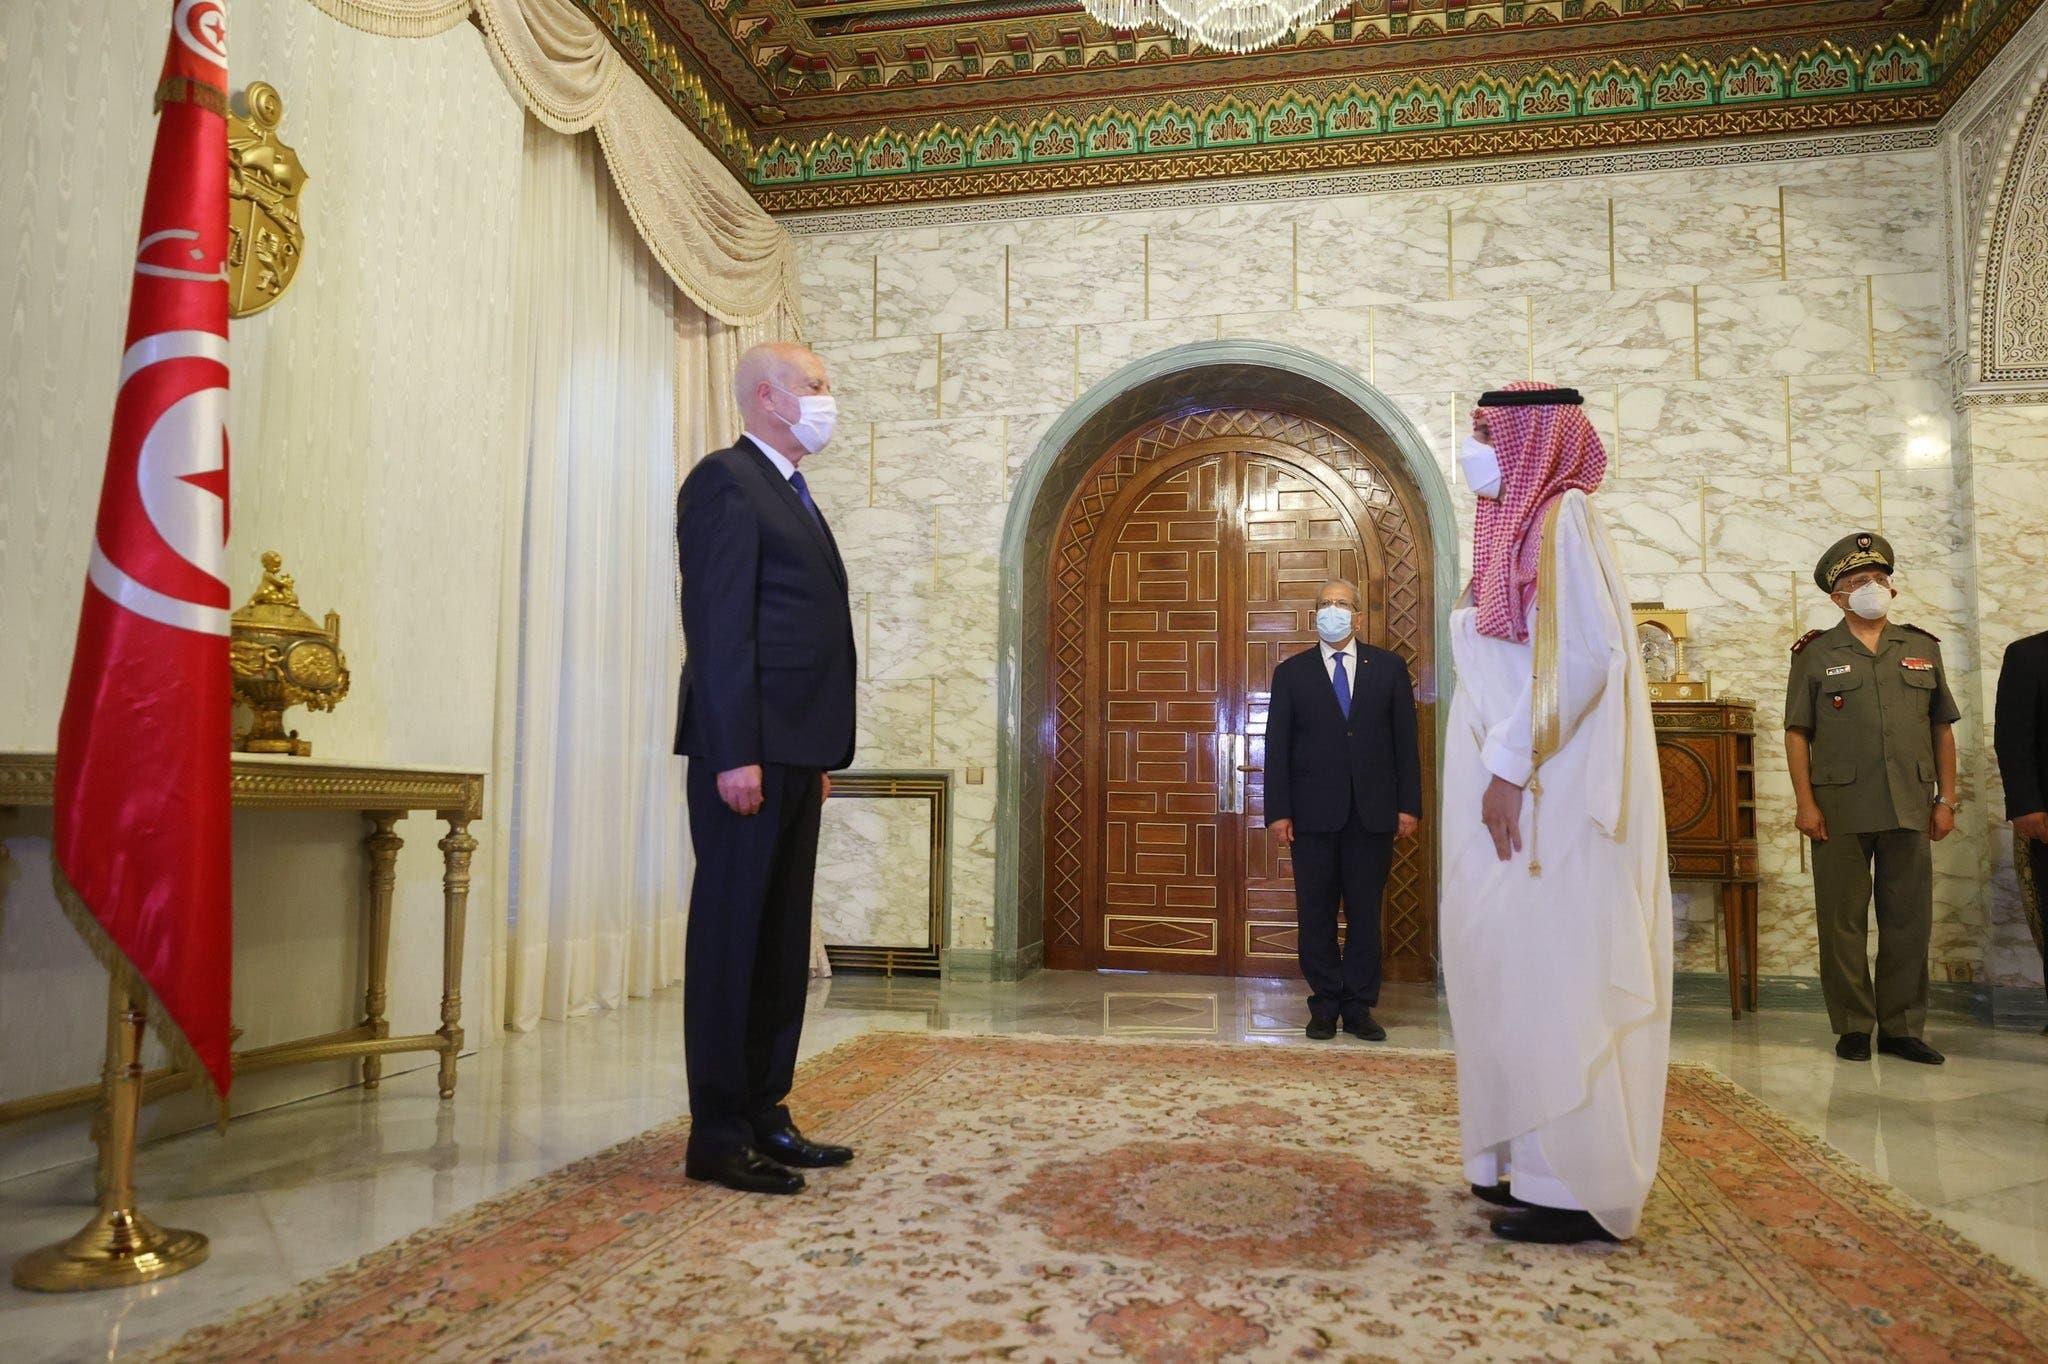 مجتهد يكشف الوعود التي قدمتها السعودية لقيس سعيد وهشام المشيشي تحت الإقامة الجبرية